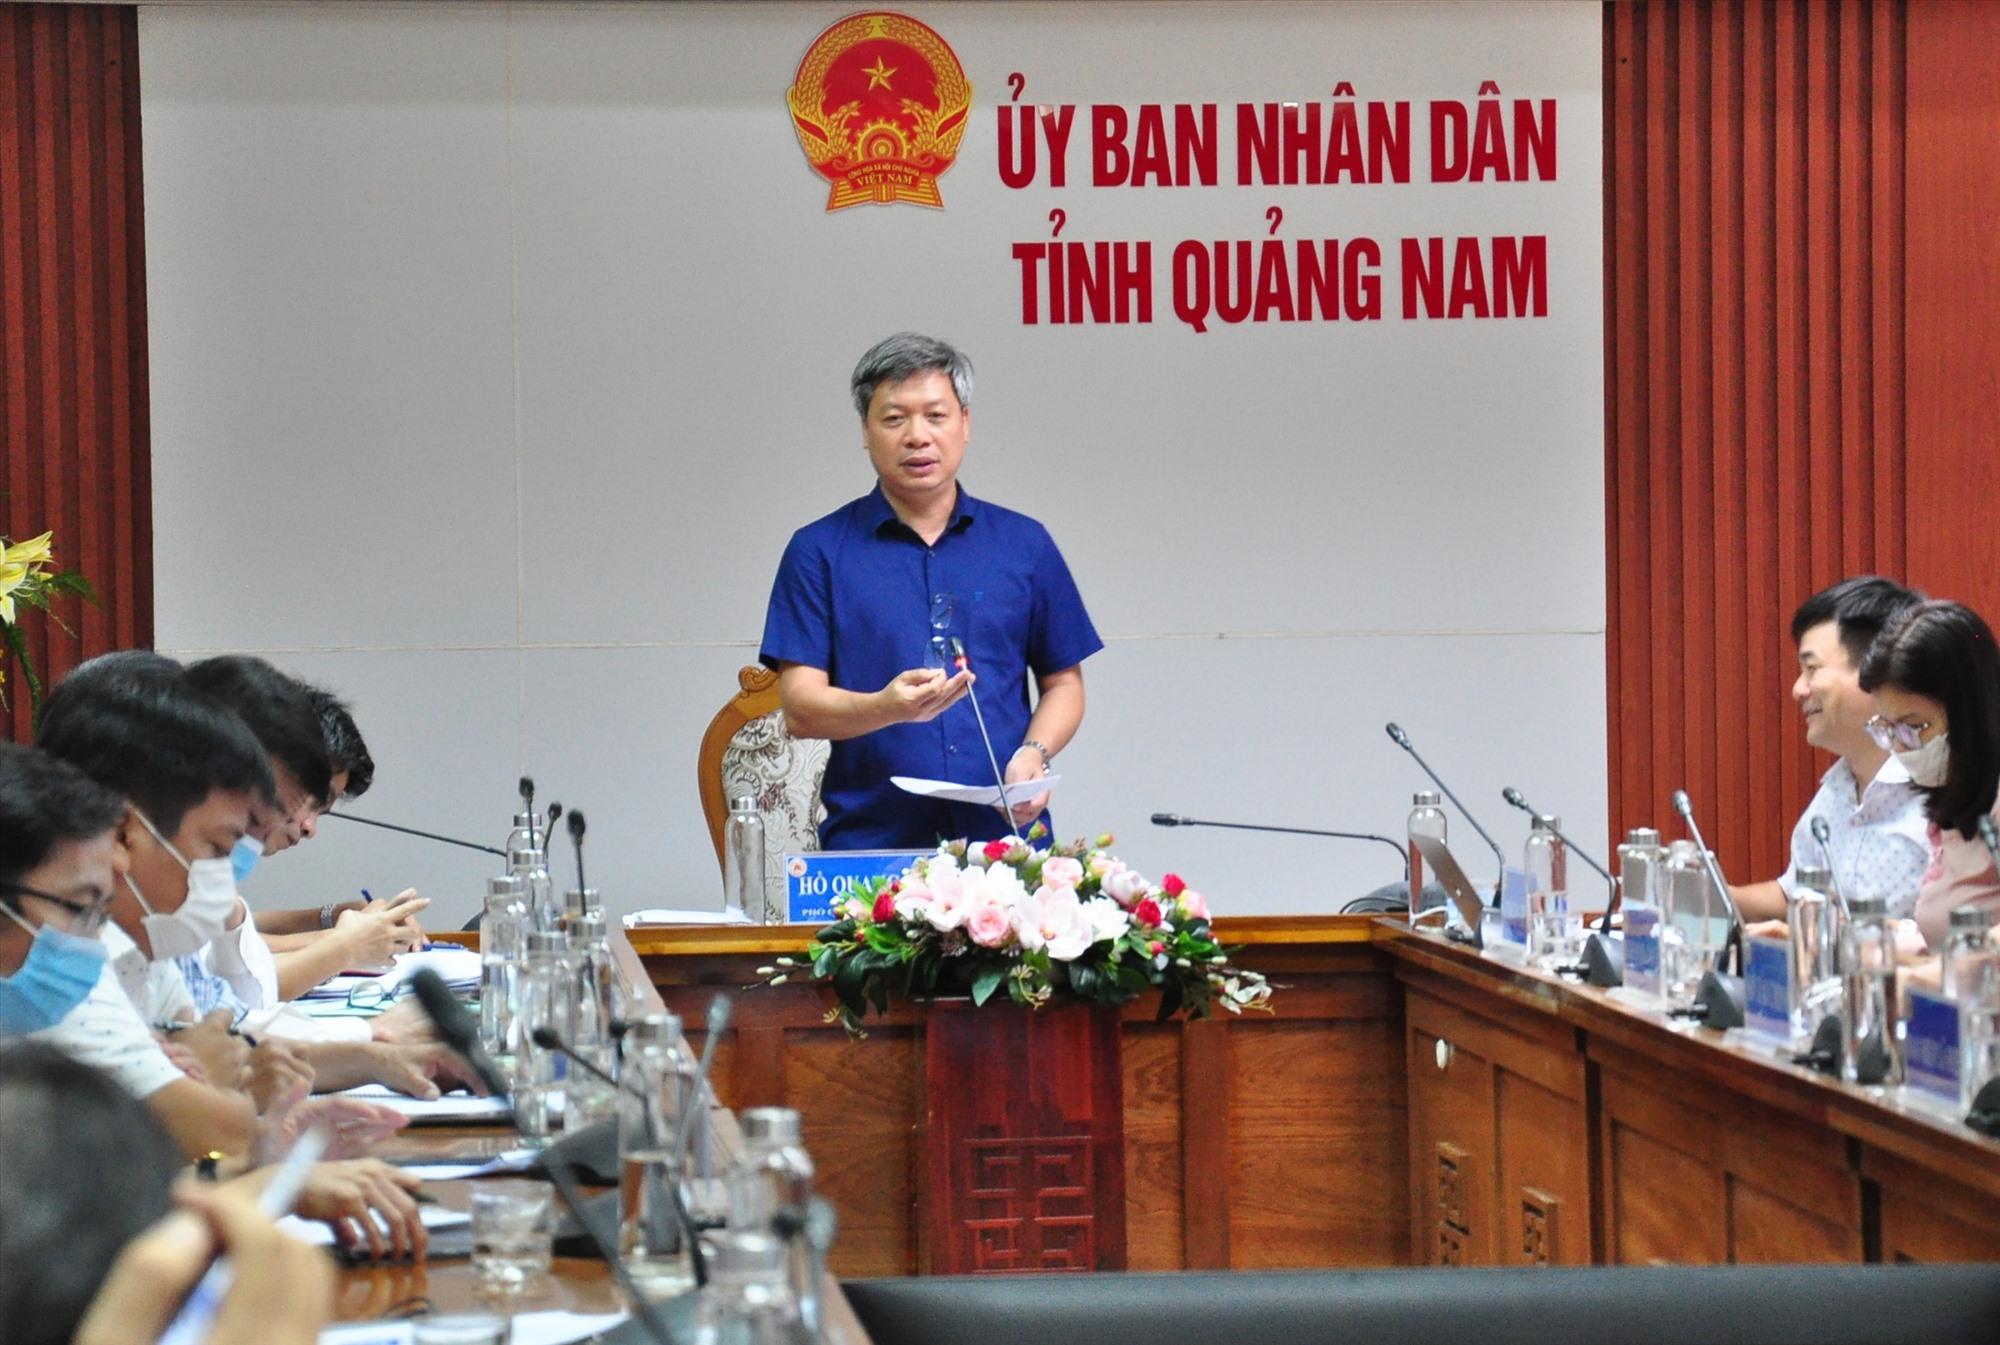 Phó Chủ tịch UBND tỉnh Hồ Quang Bửu phát biểu tại hội nghị chuyển đổi số vào cuối tuần qua. Ảnh: VINH ANH